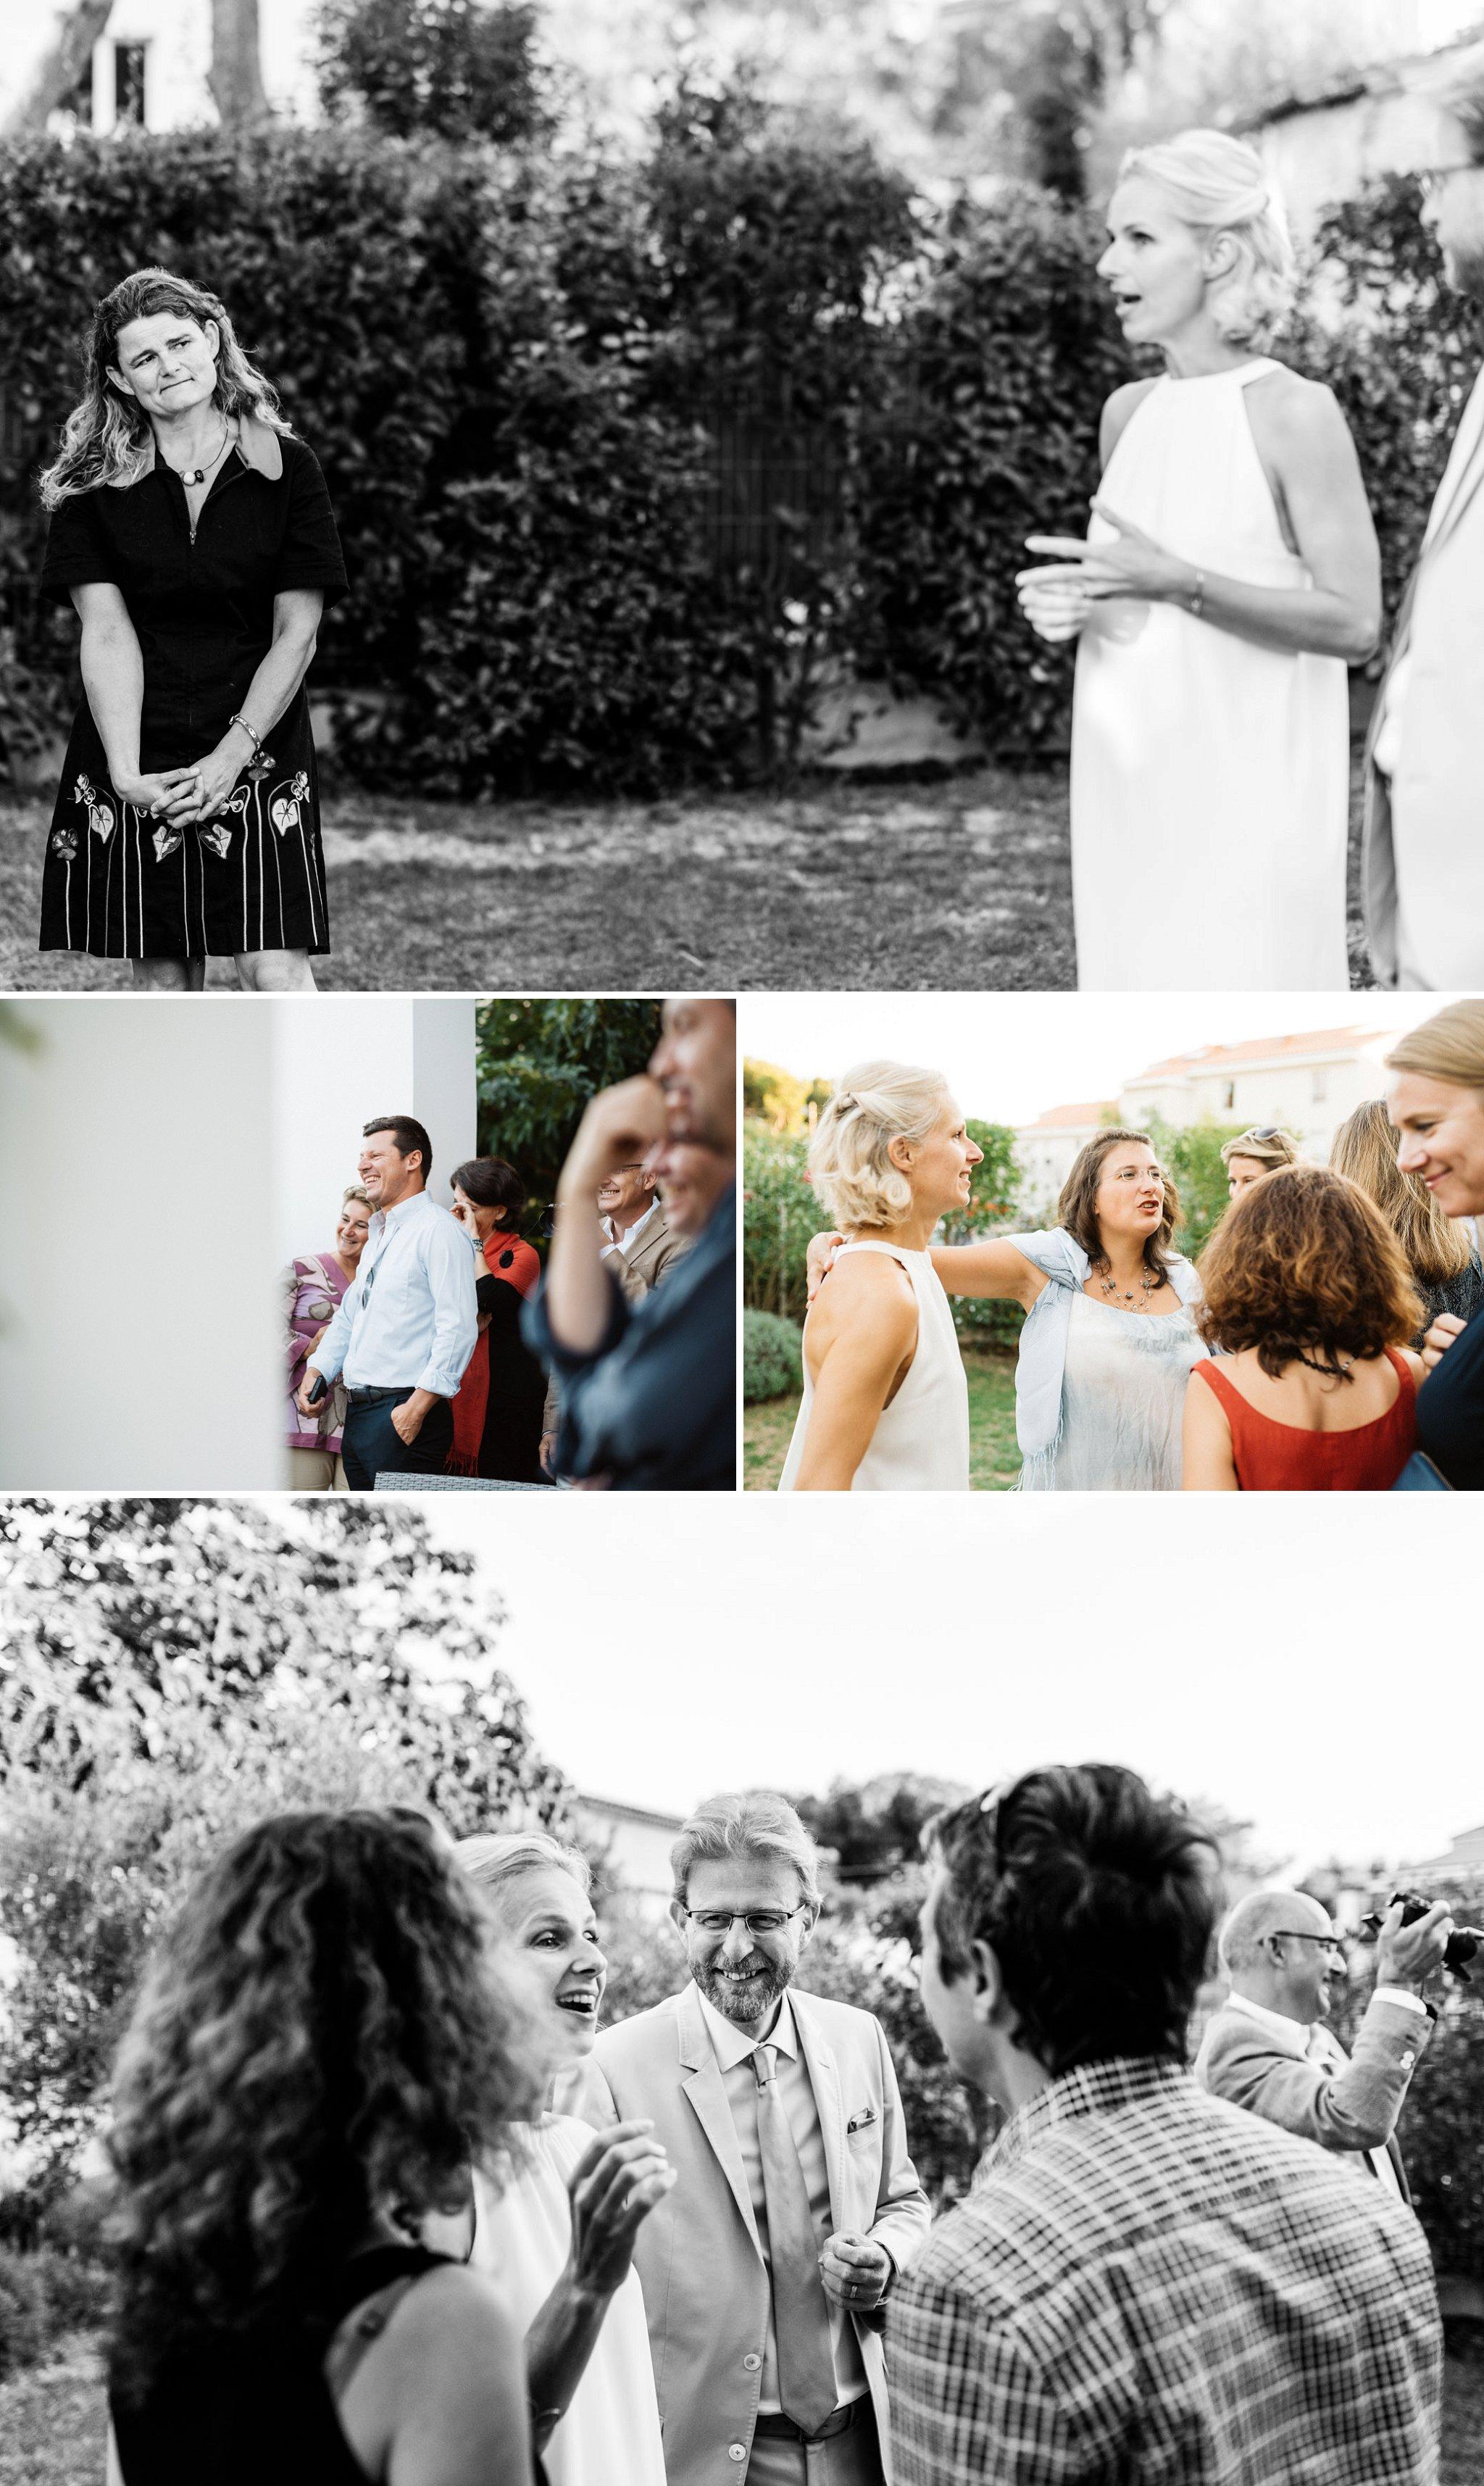 mariage-amis-provence-mediterranee-plage-convivial (13)